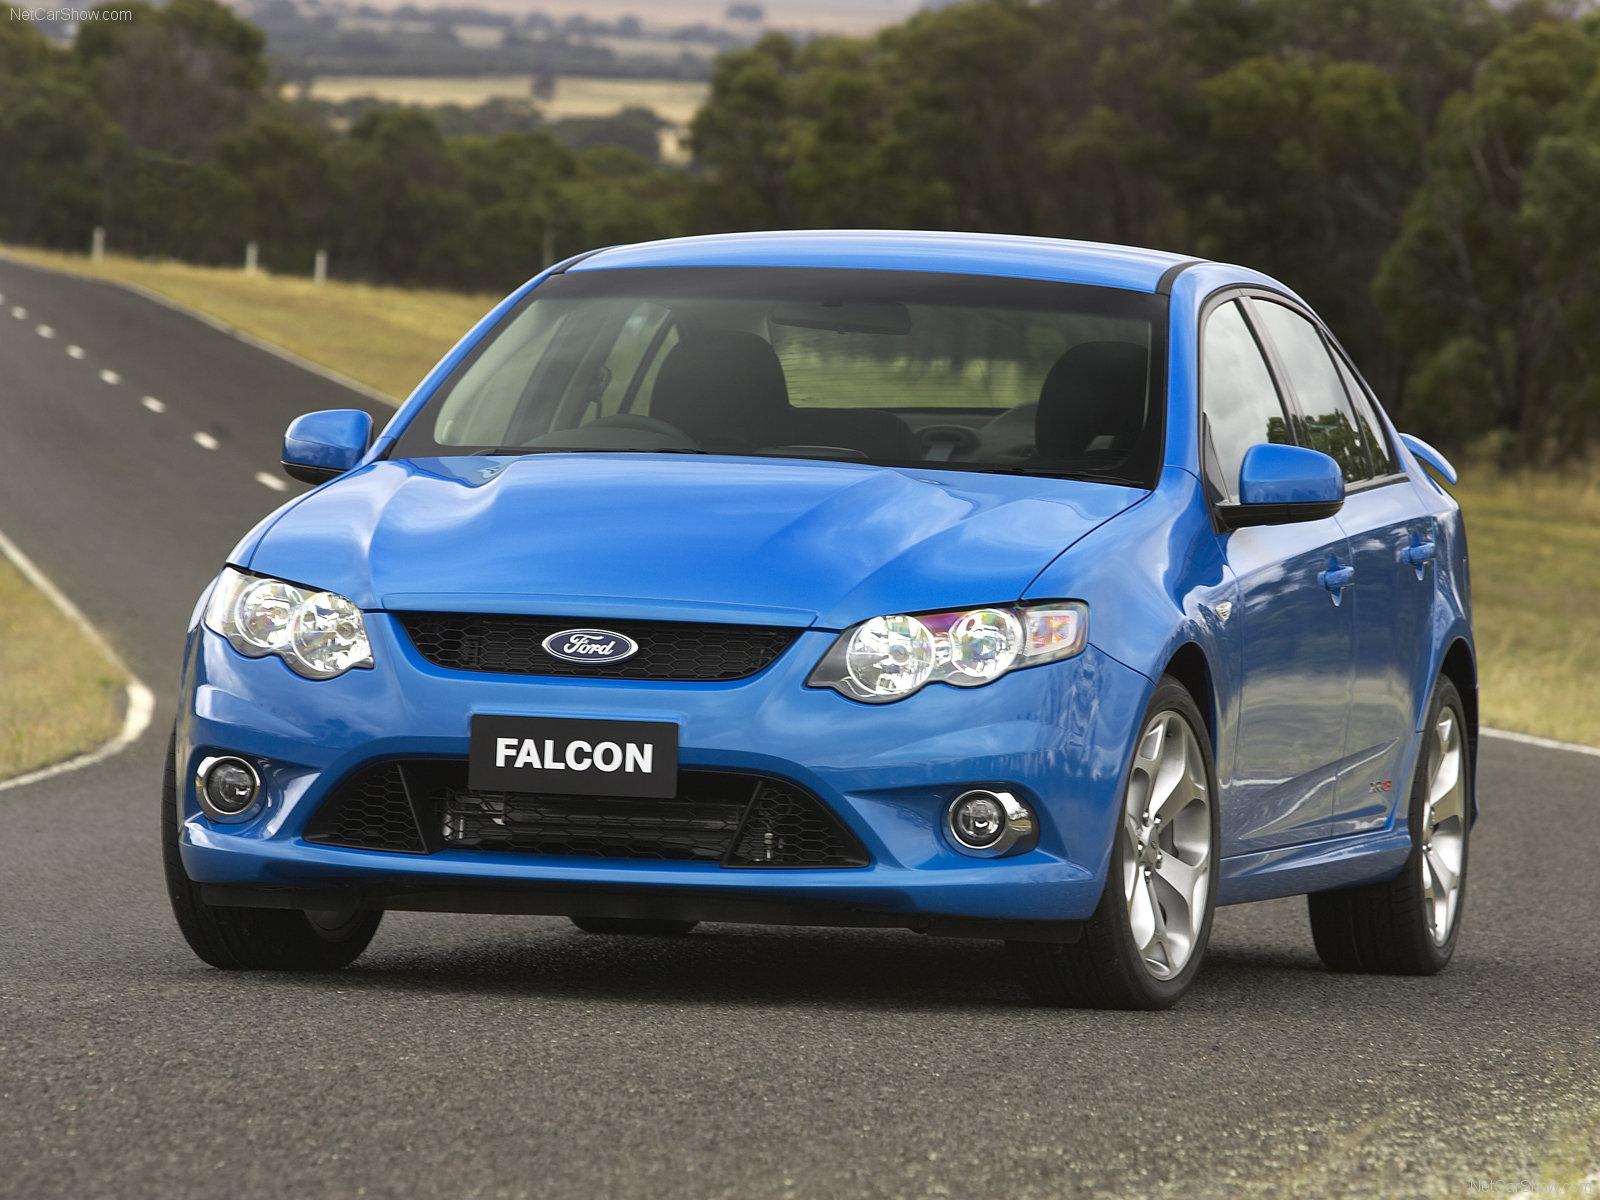 Ford Falcon XR 8